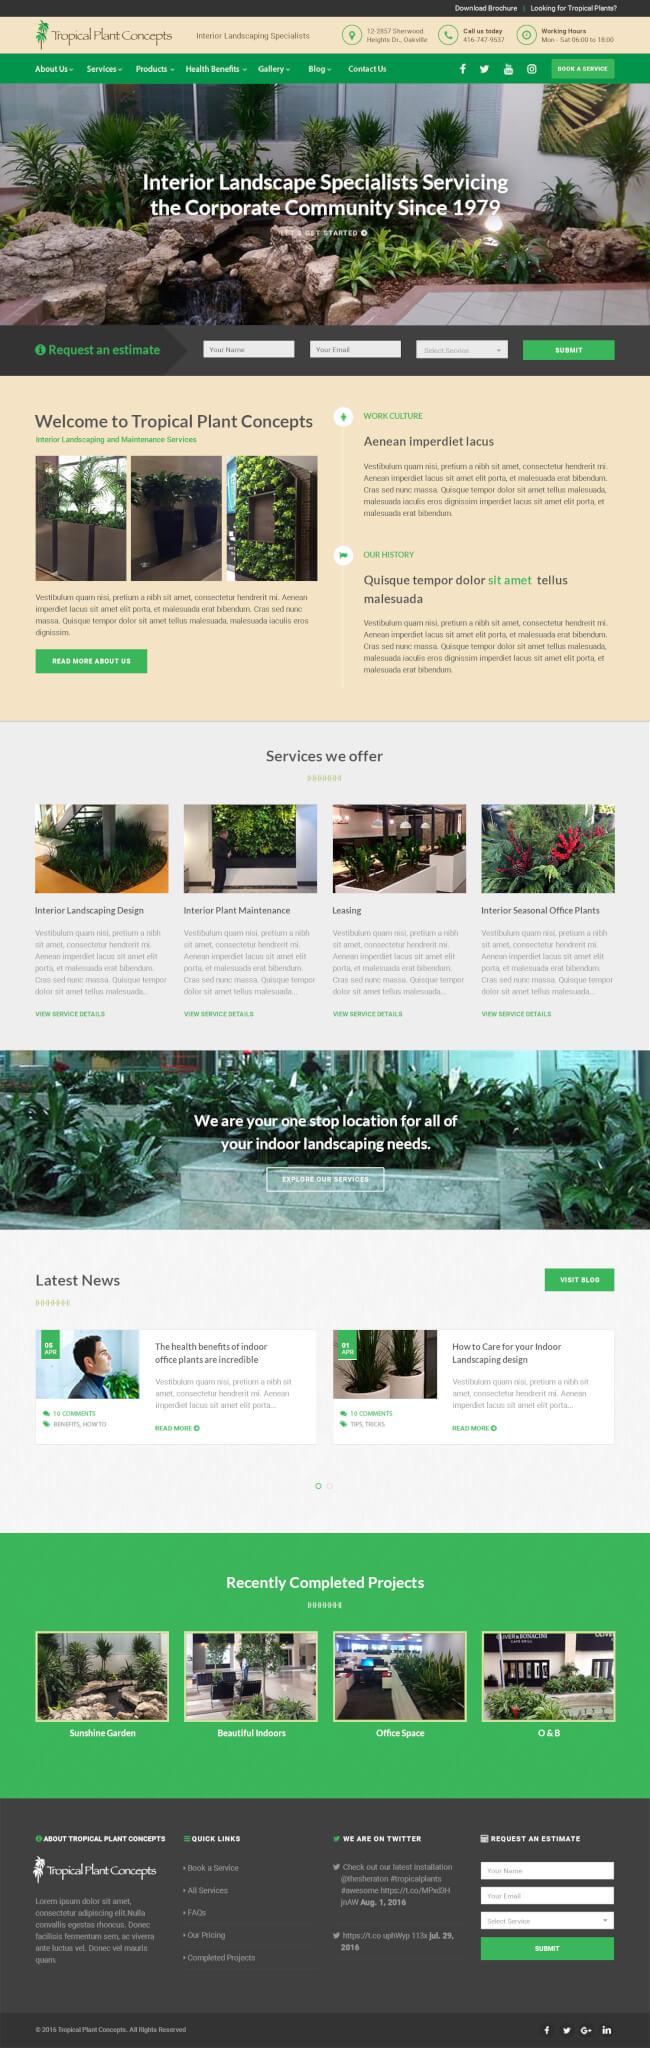 Tropical Plant Concepts